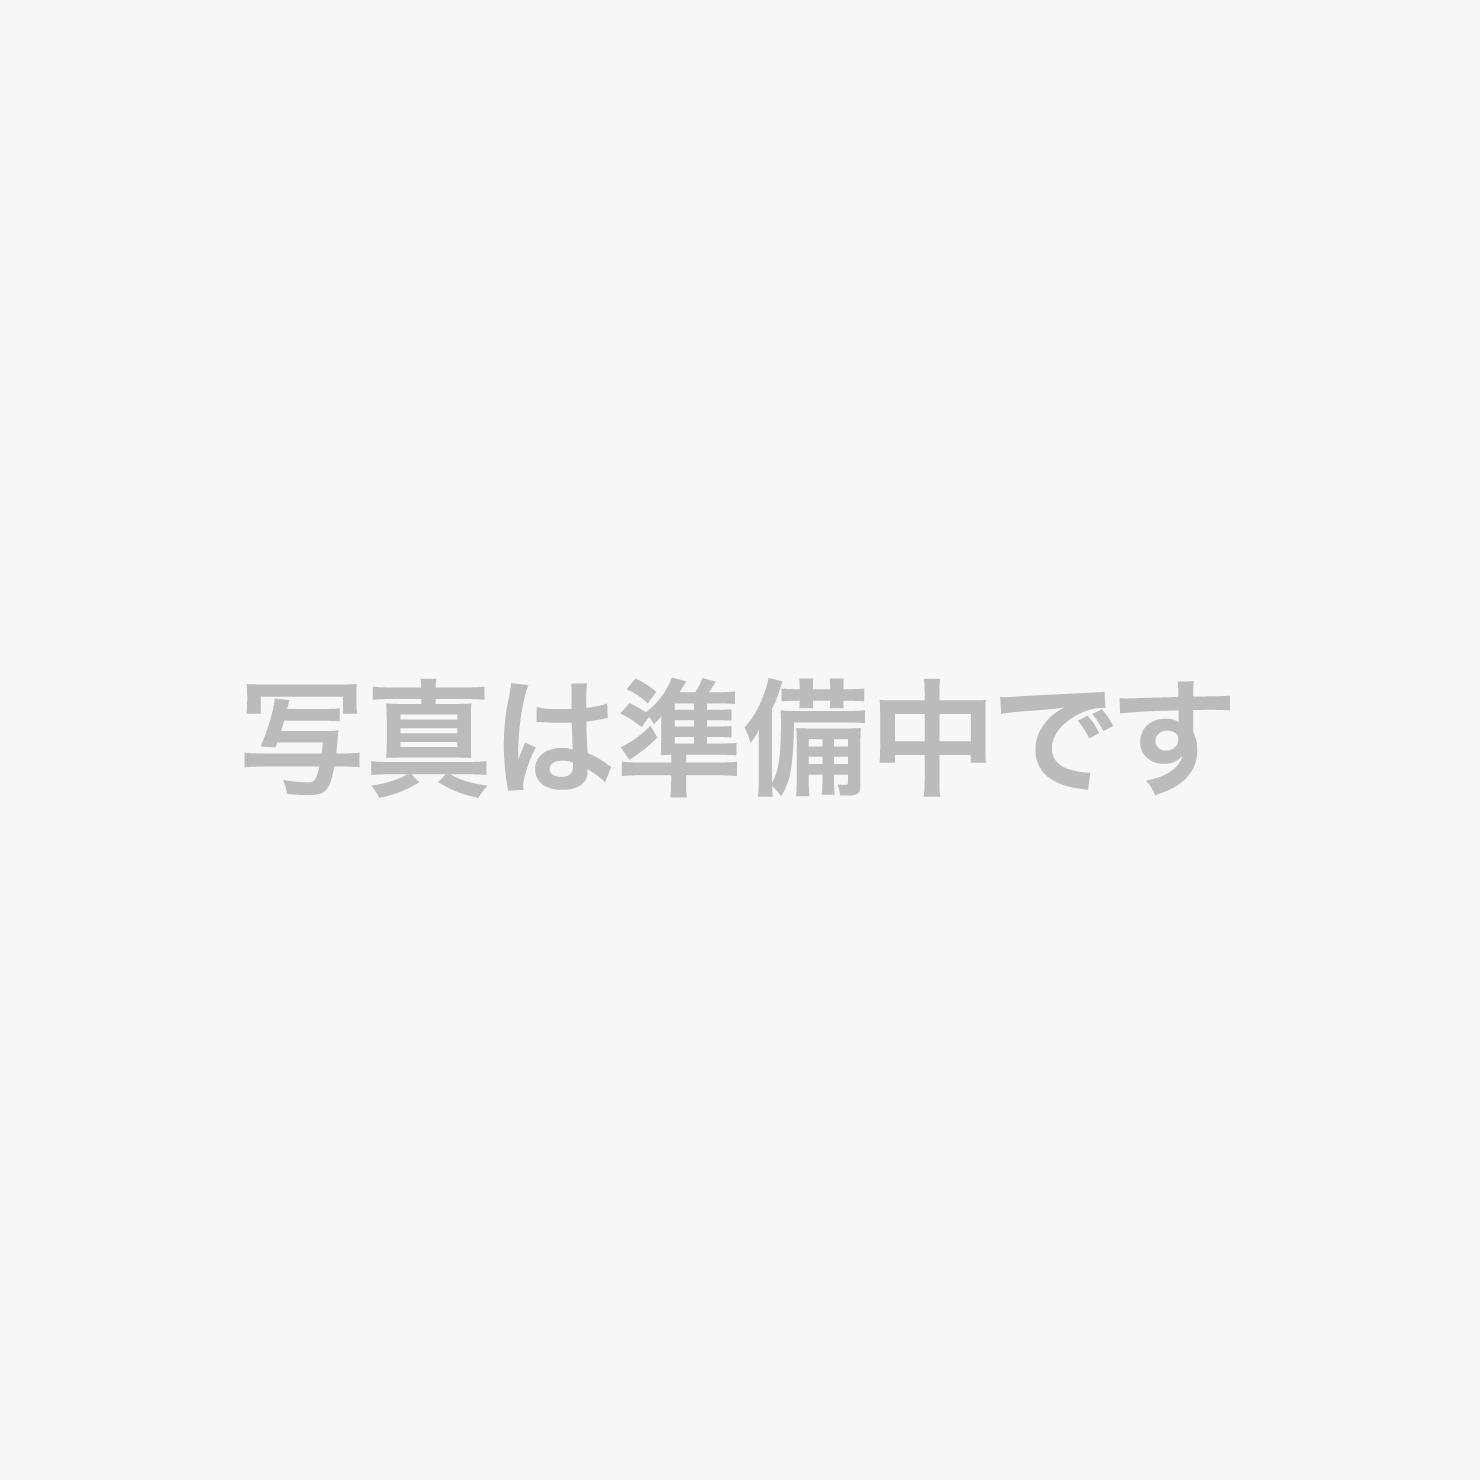 【蟹料理】香箱(イメージ)